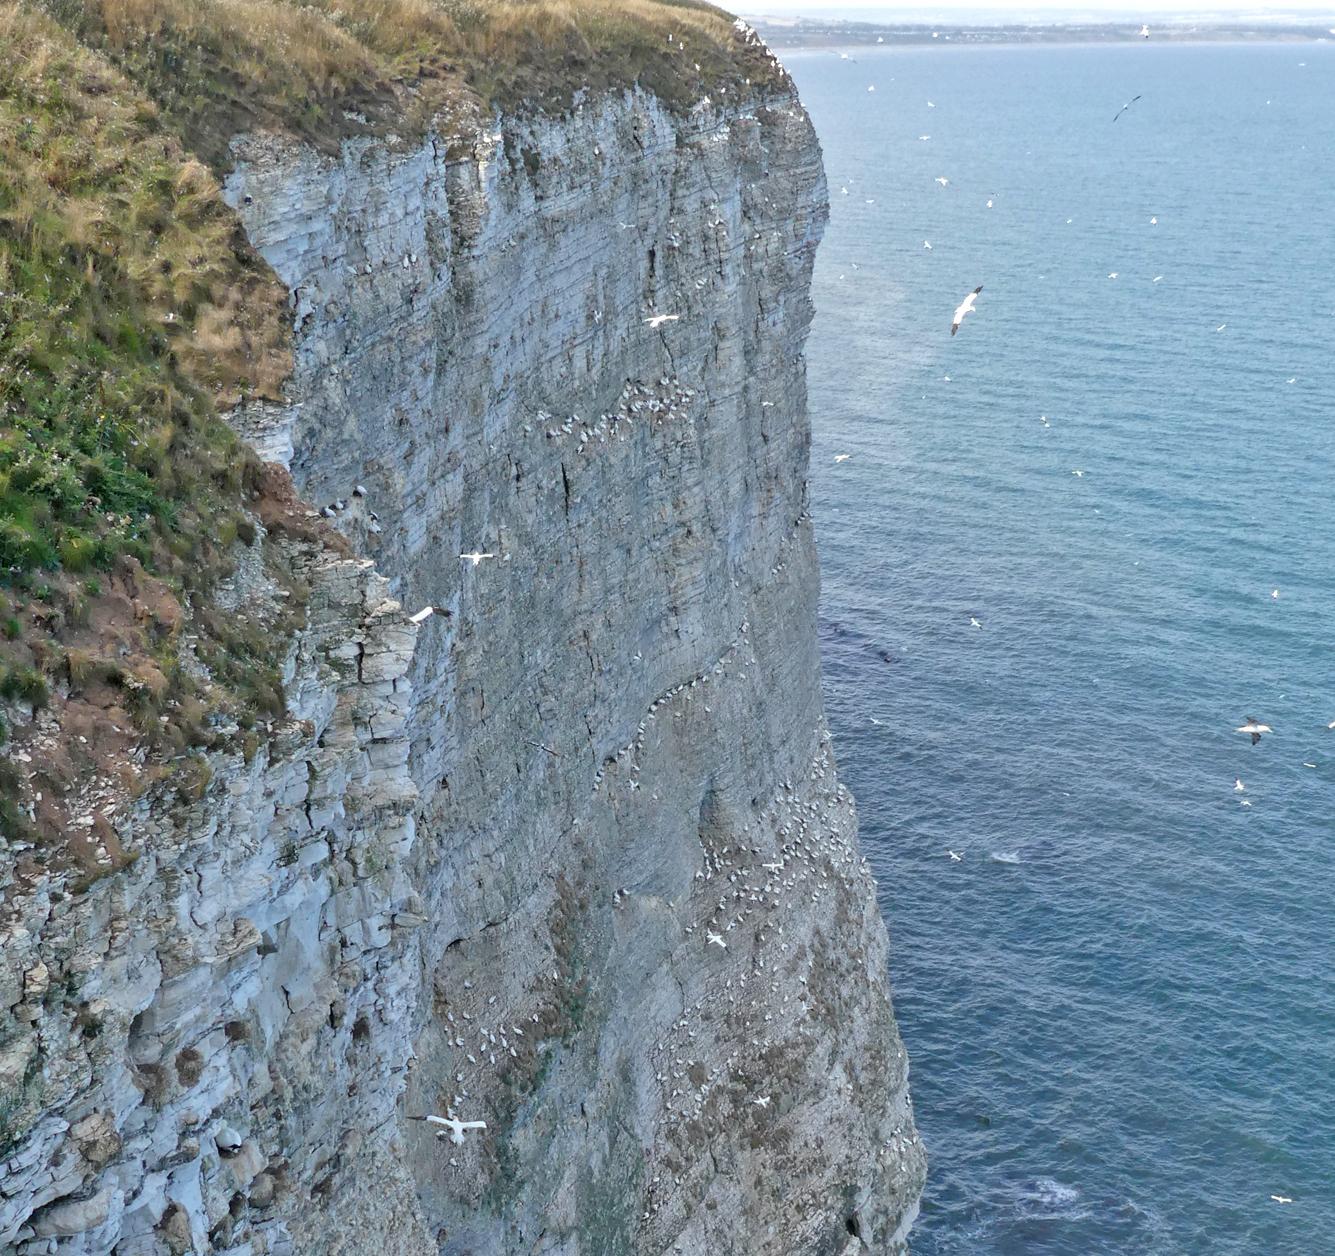 Bempton Cliffs - 30 Aug 18